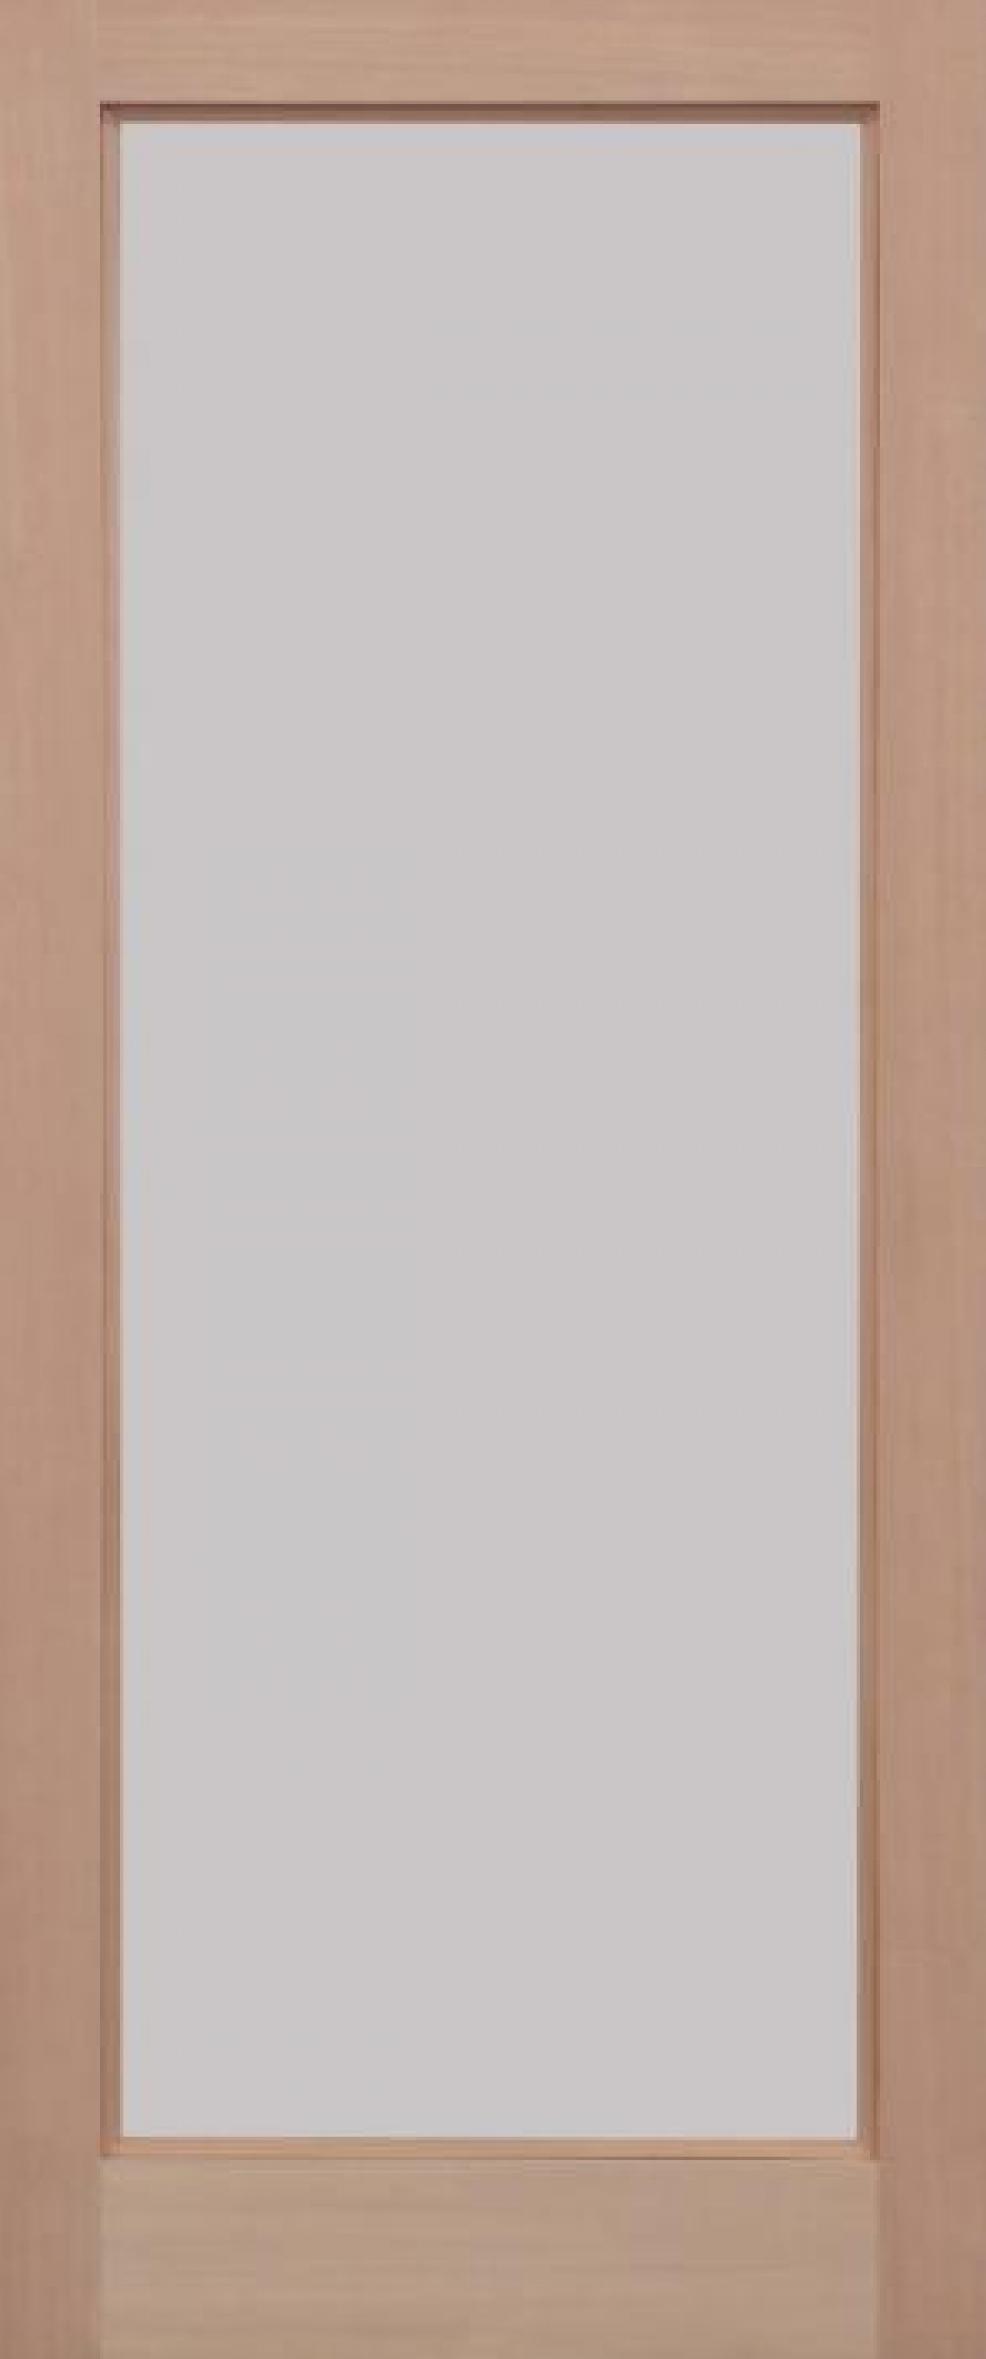 Hemlock Pattern 10